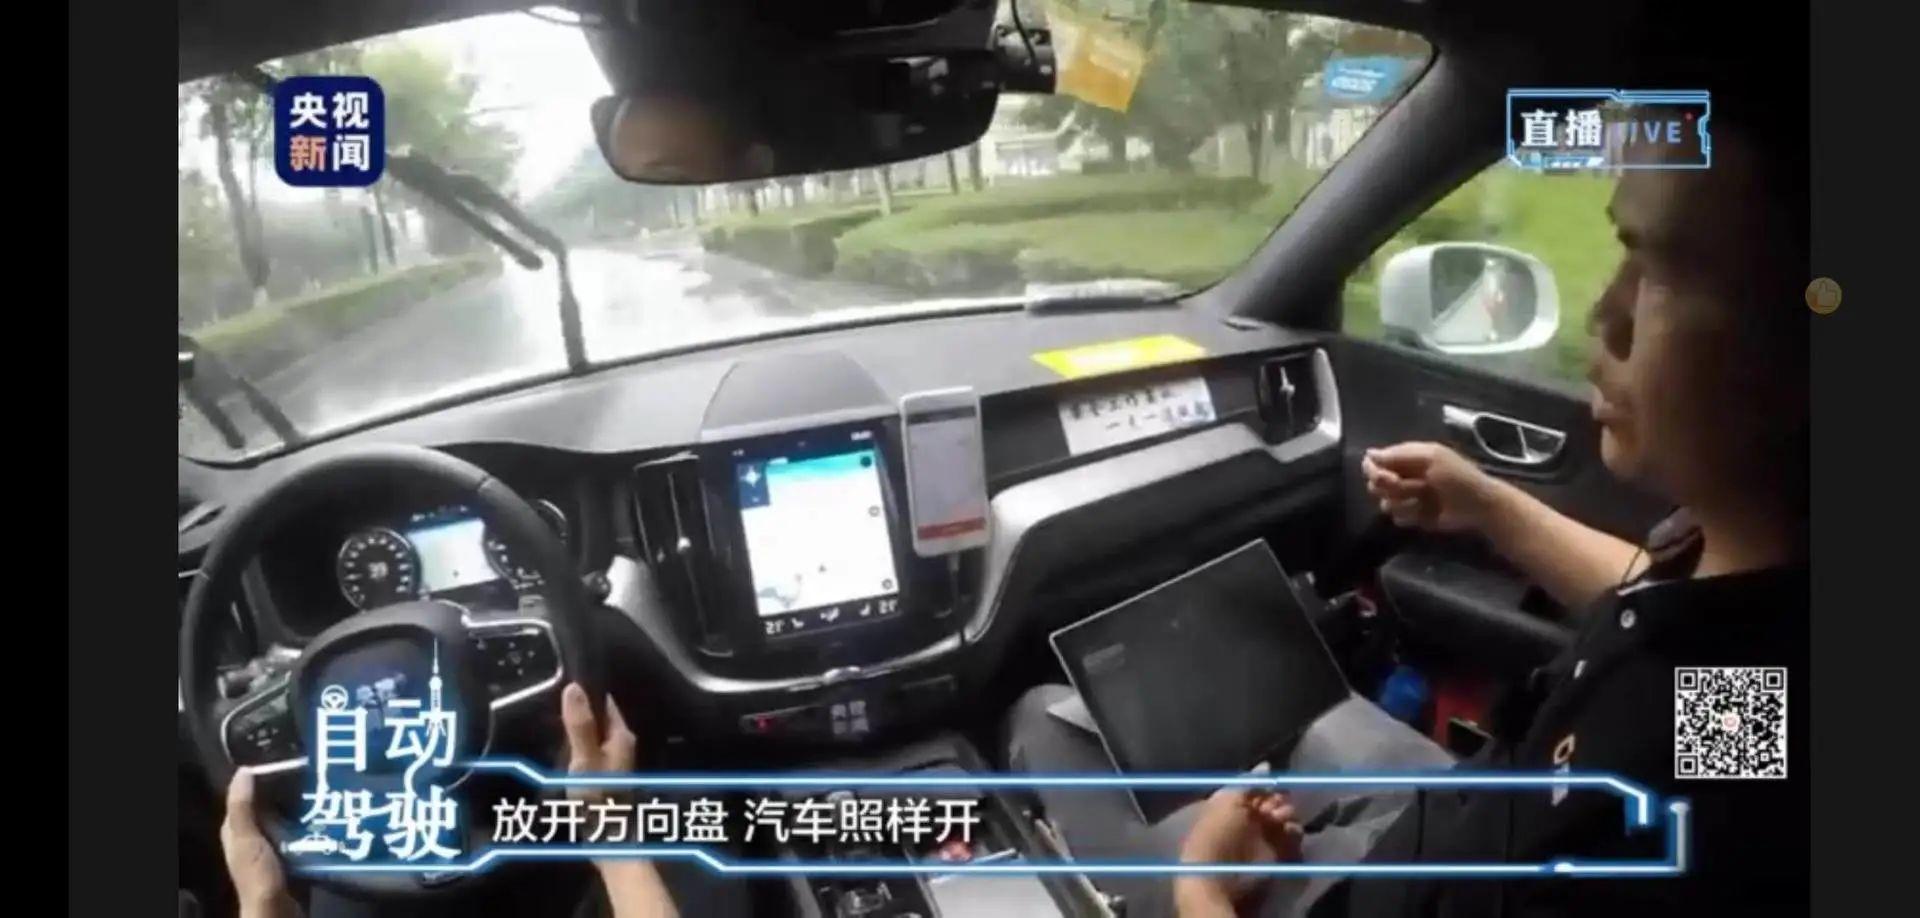 滴滴自动驾驶首秀,能得几分?